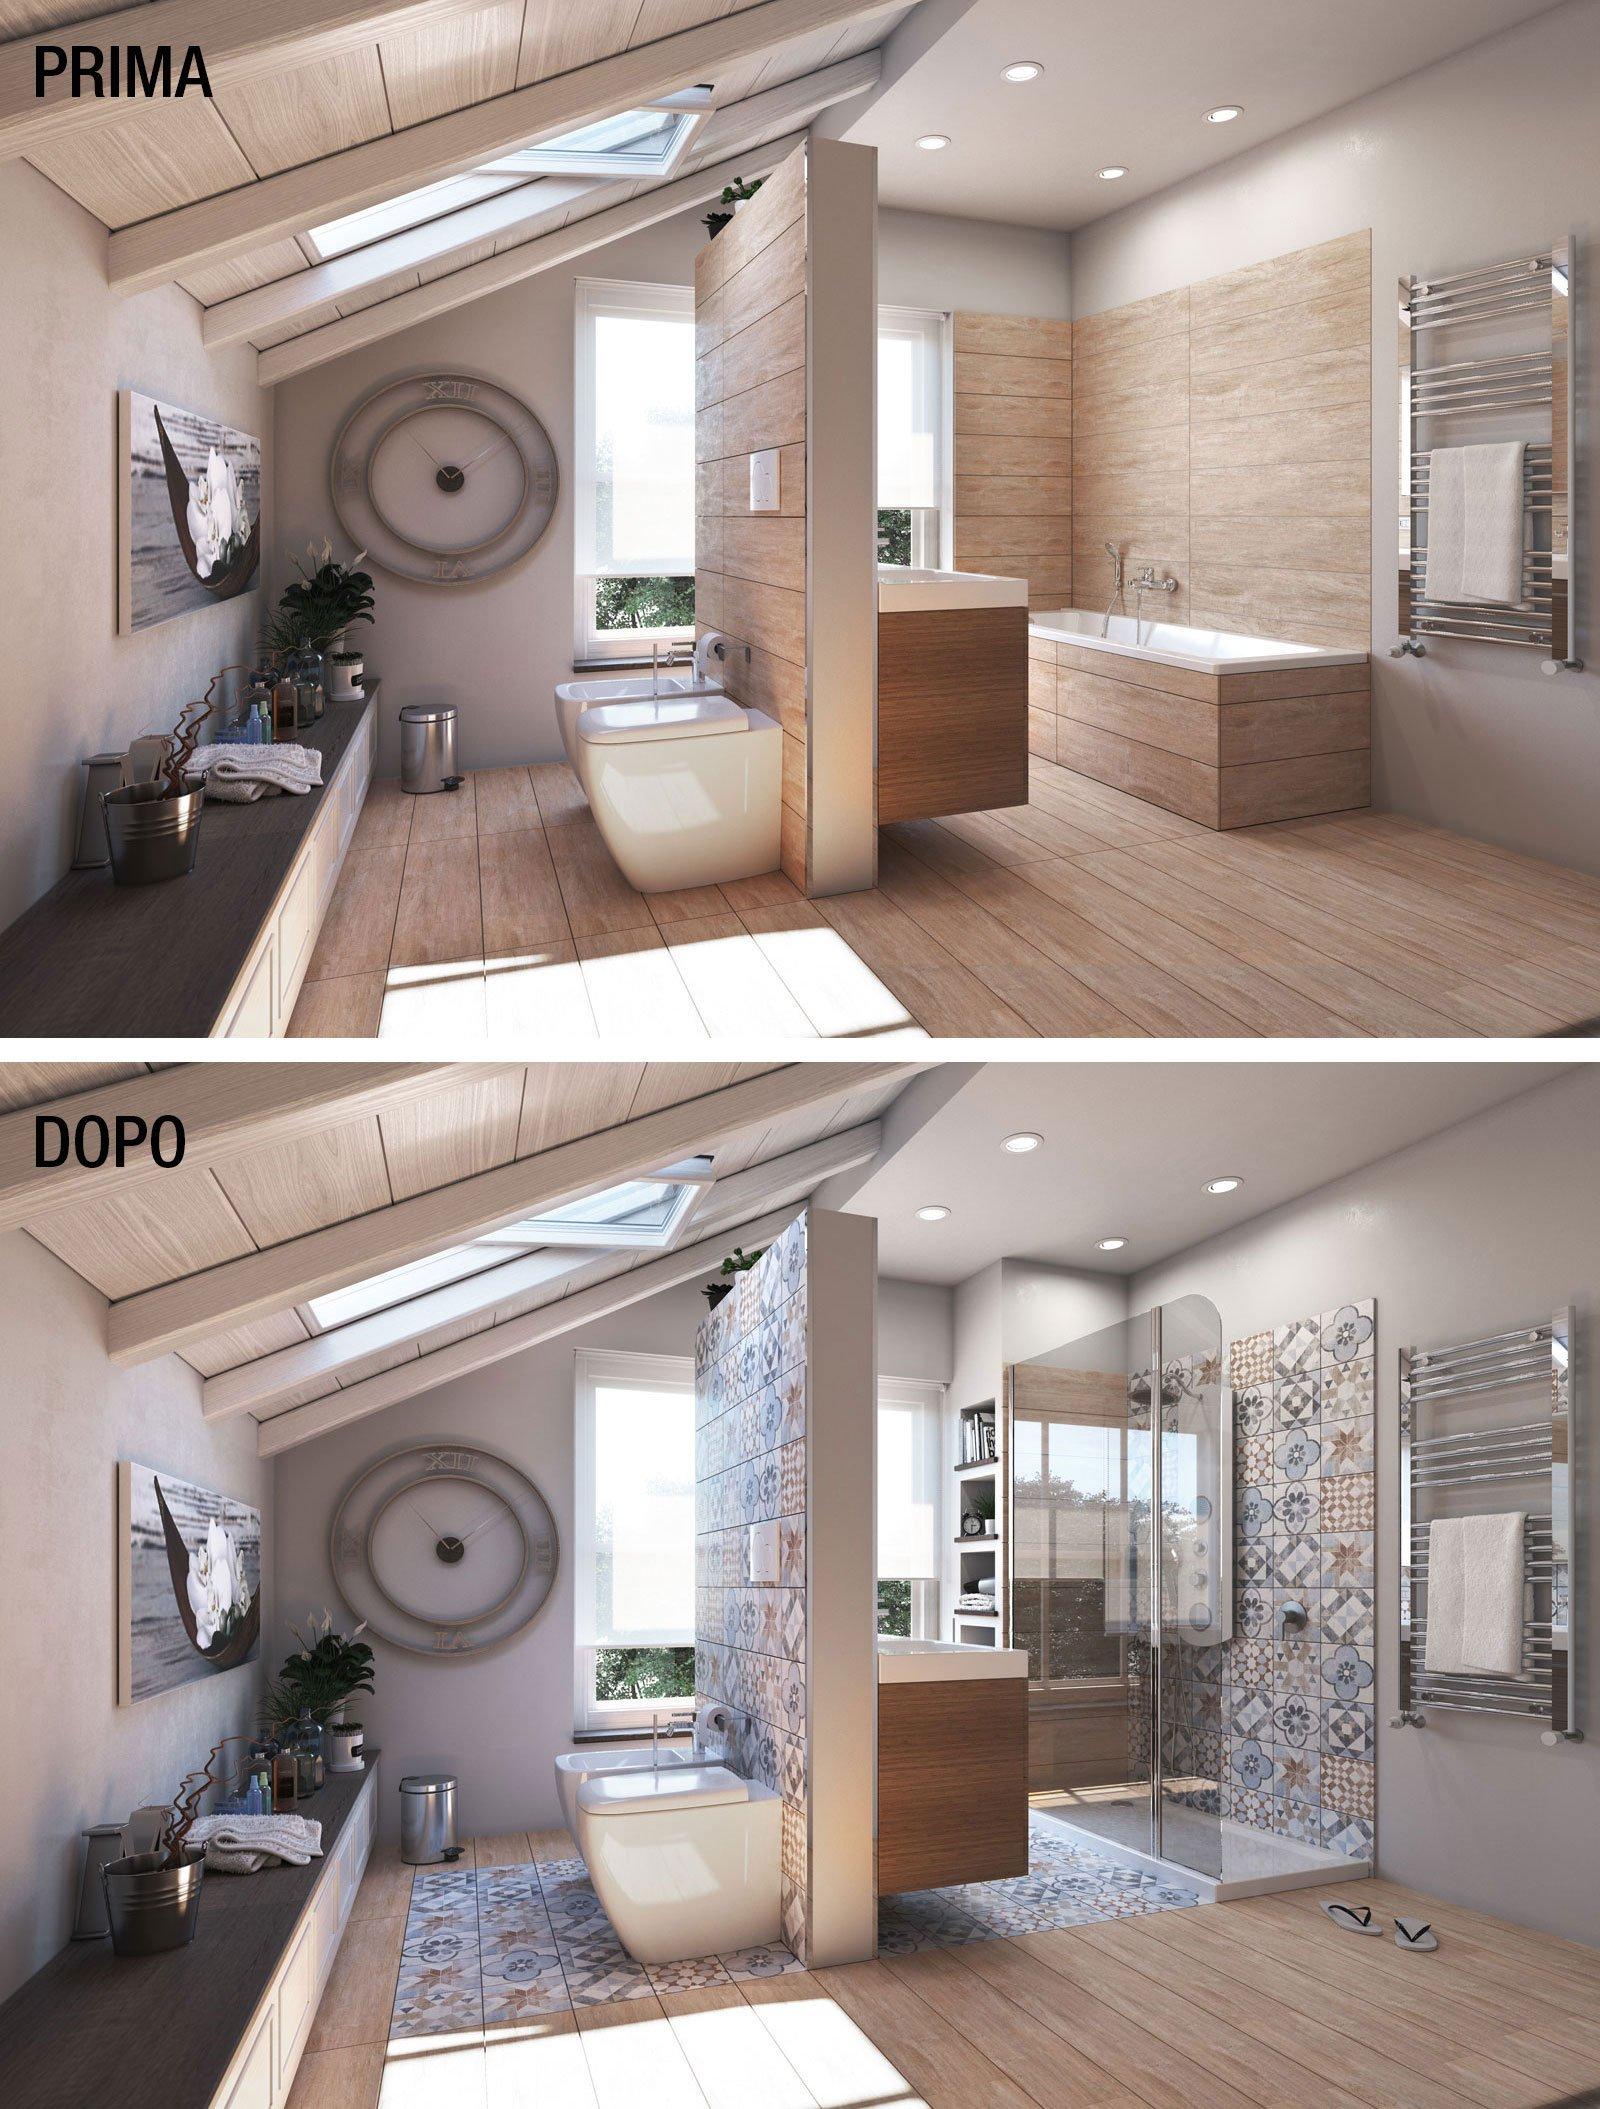 Bagno trasformare la vasca in doccia cose di casa - Vasca da bagno grande ...